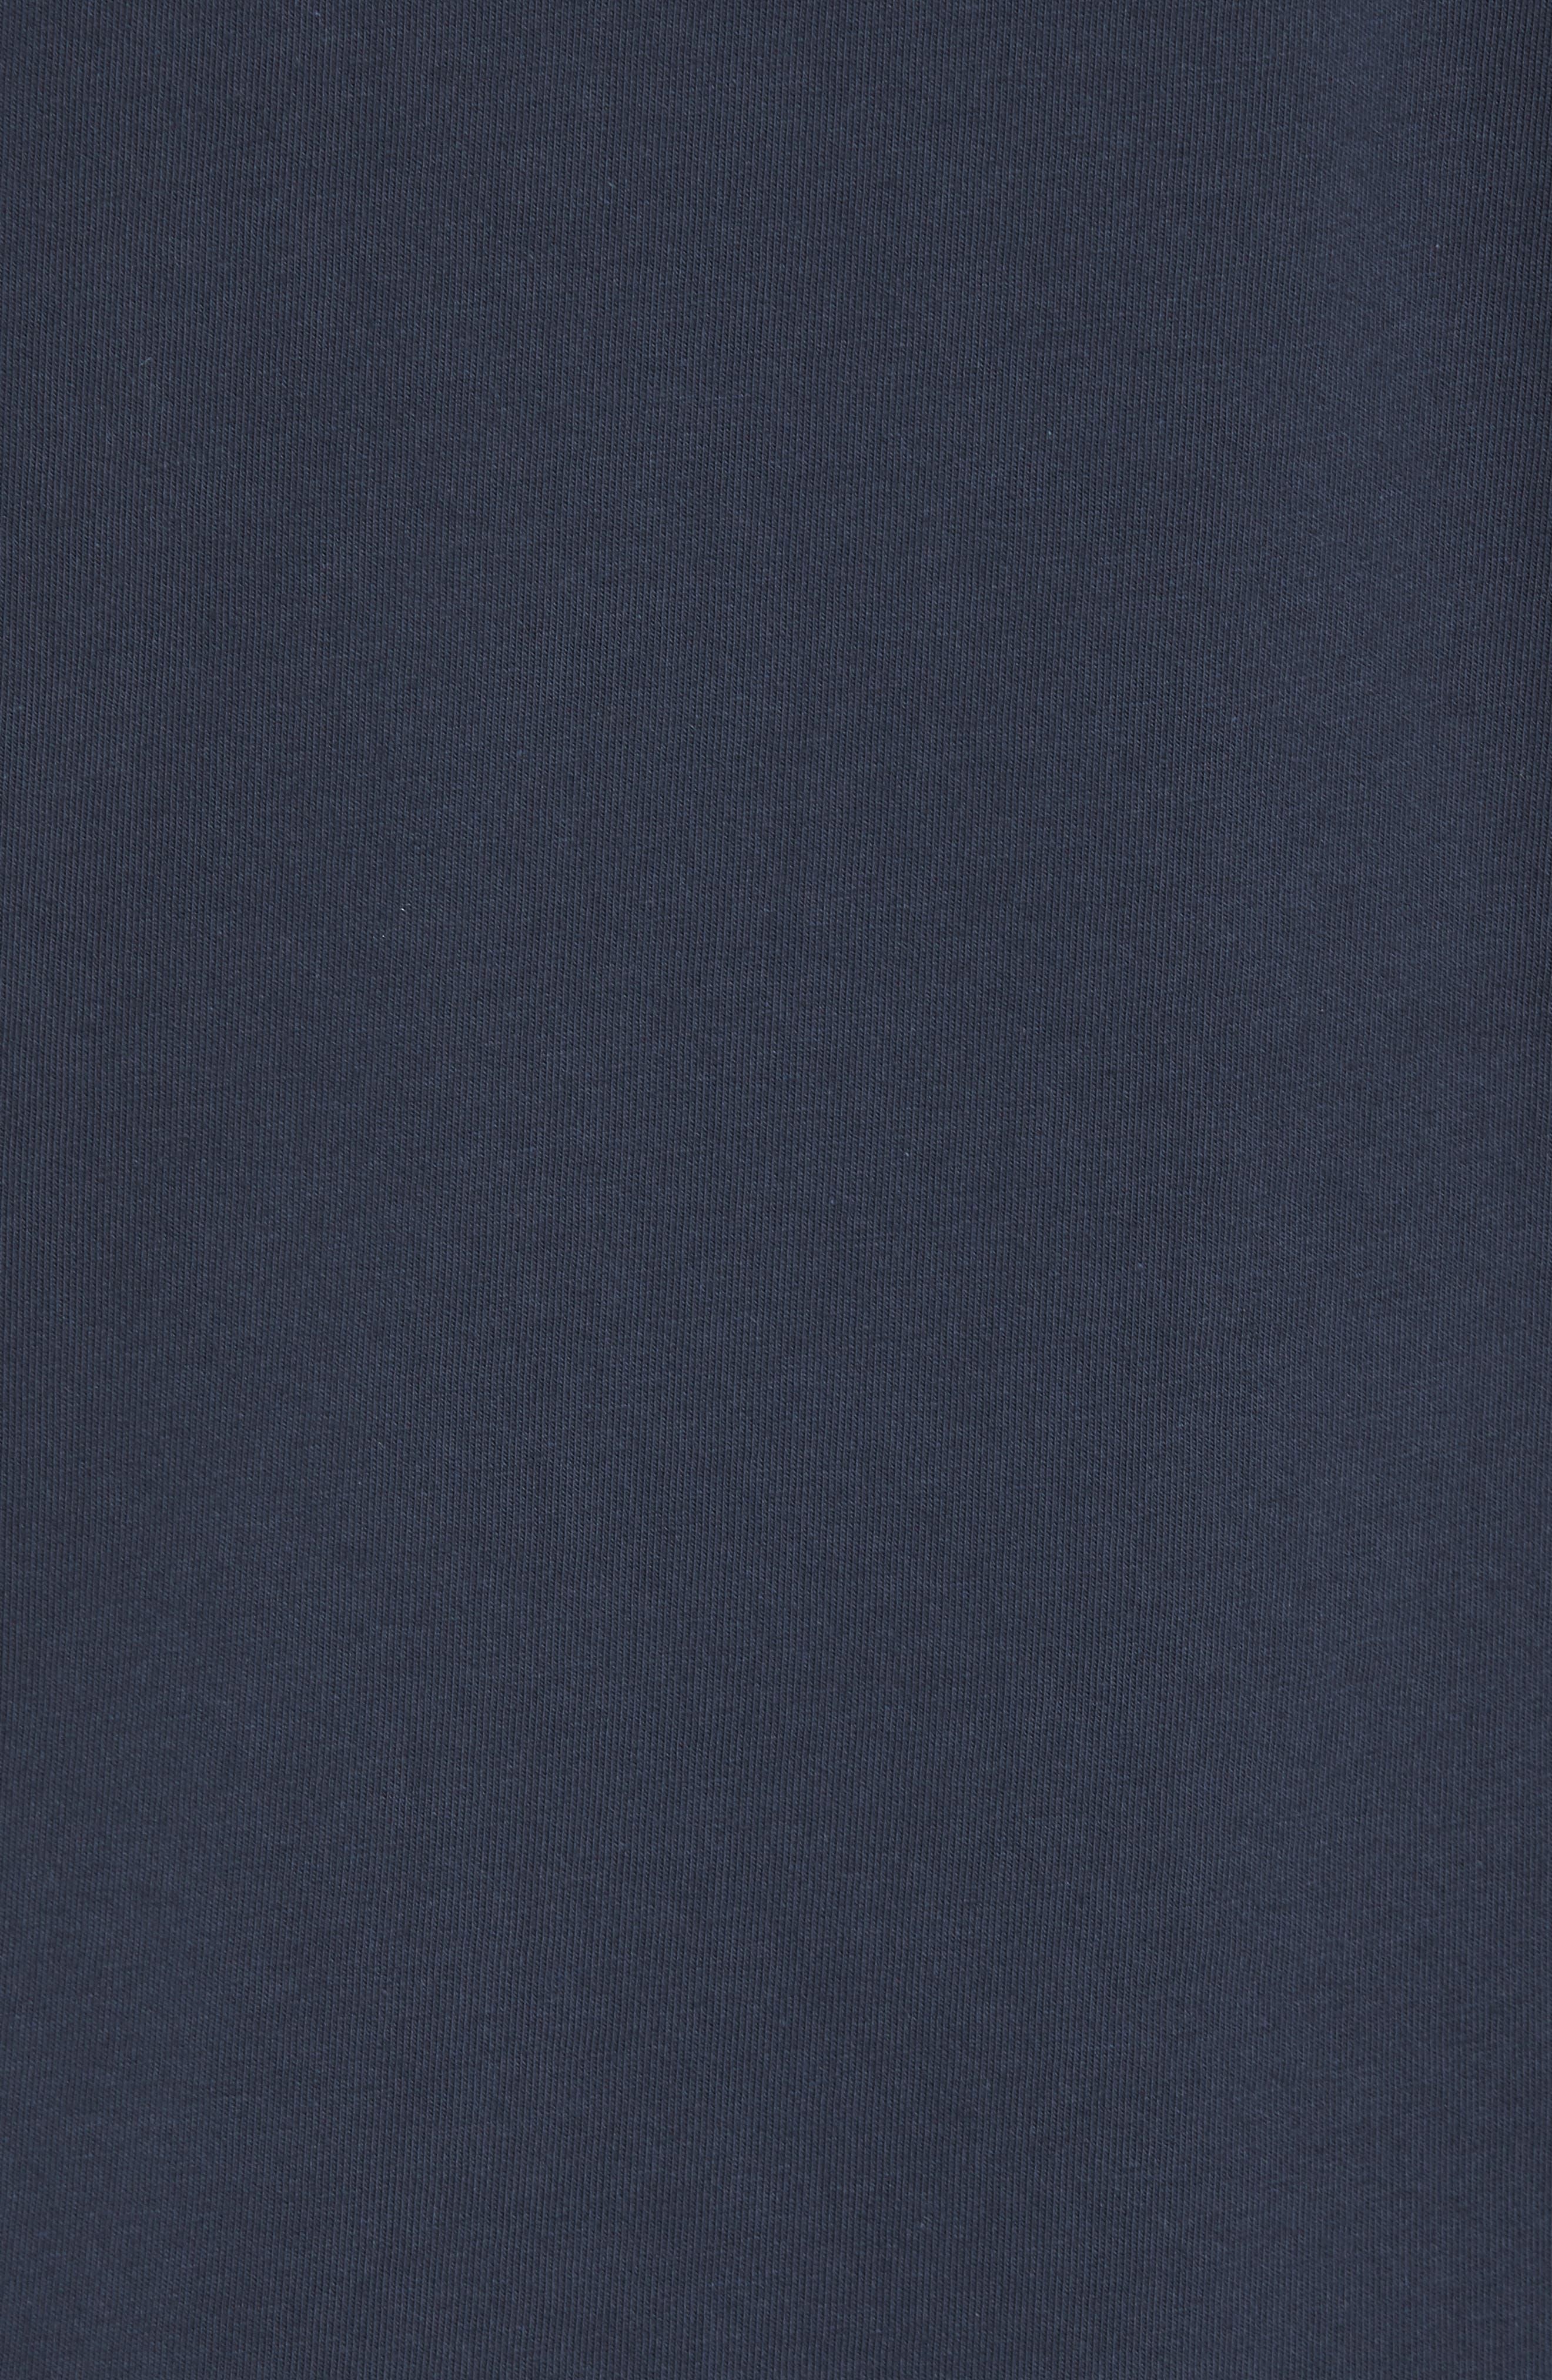 x Shark Week<sup>™</sup> Circling Sharks Pocket T-Shirt,                             Alternate thumbnail 5, color,                             406